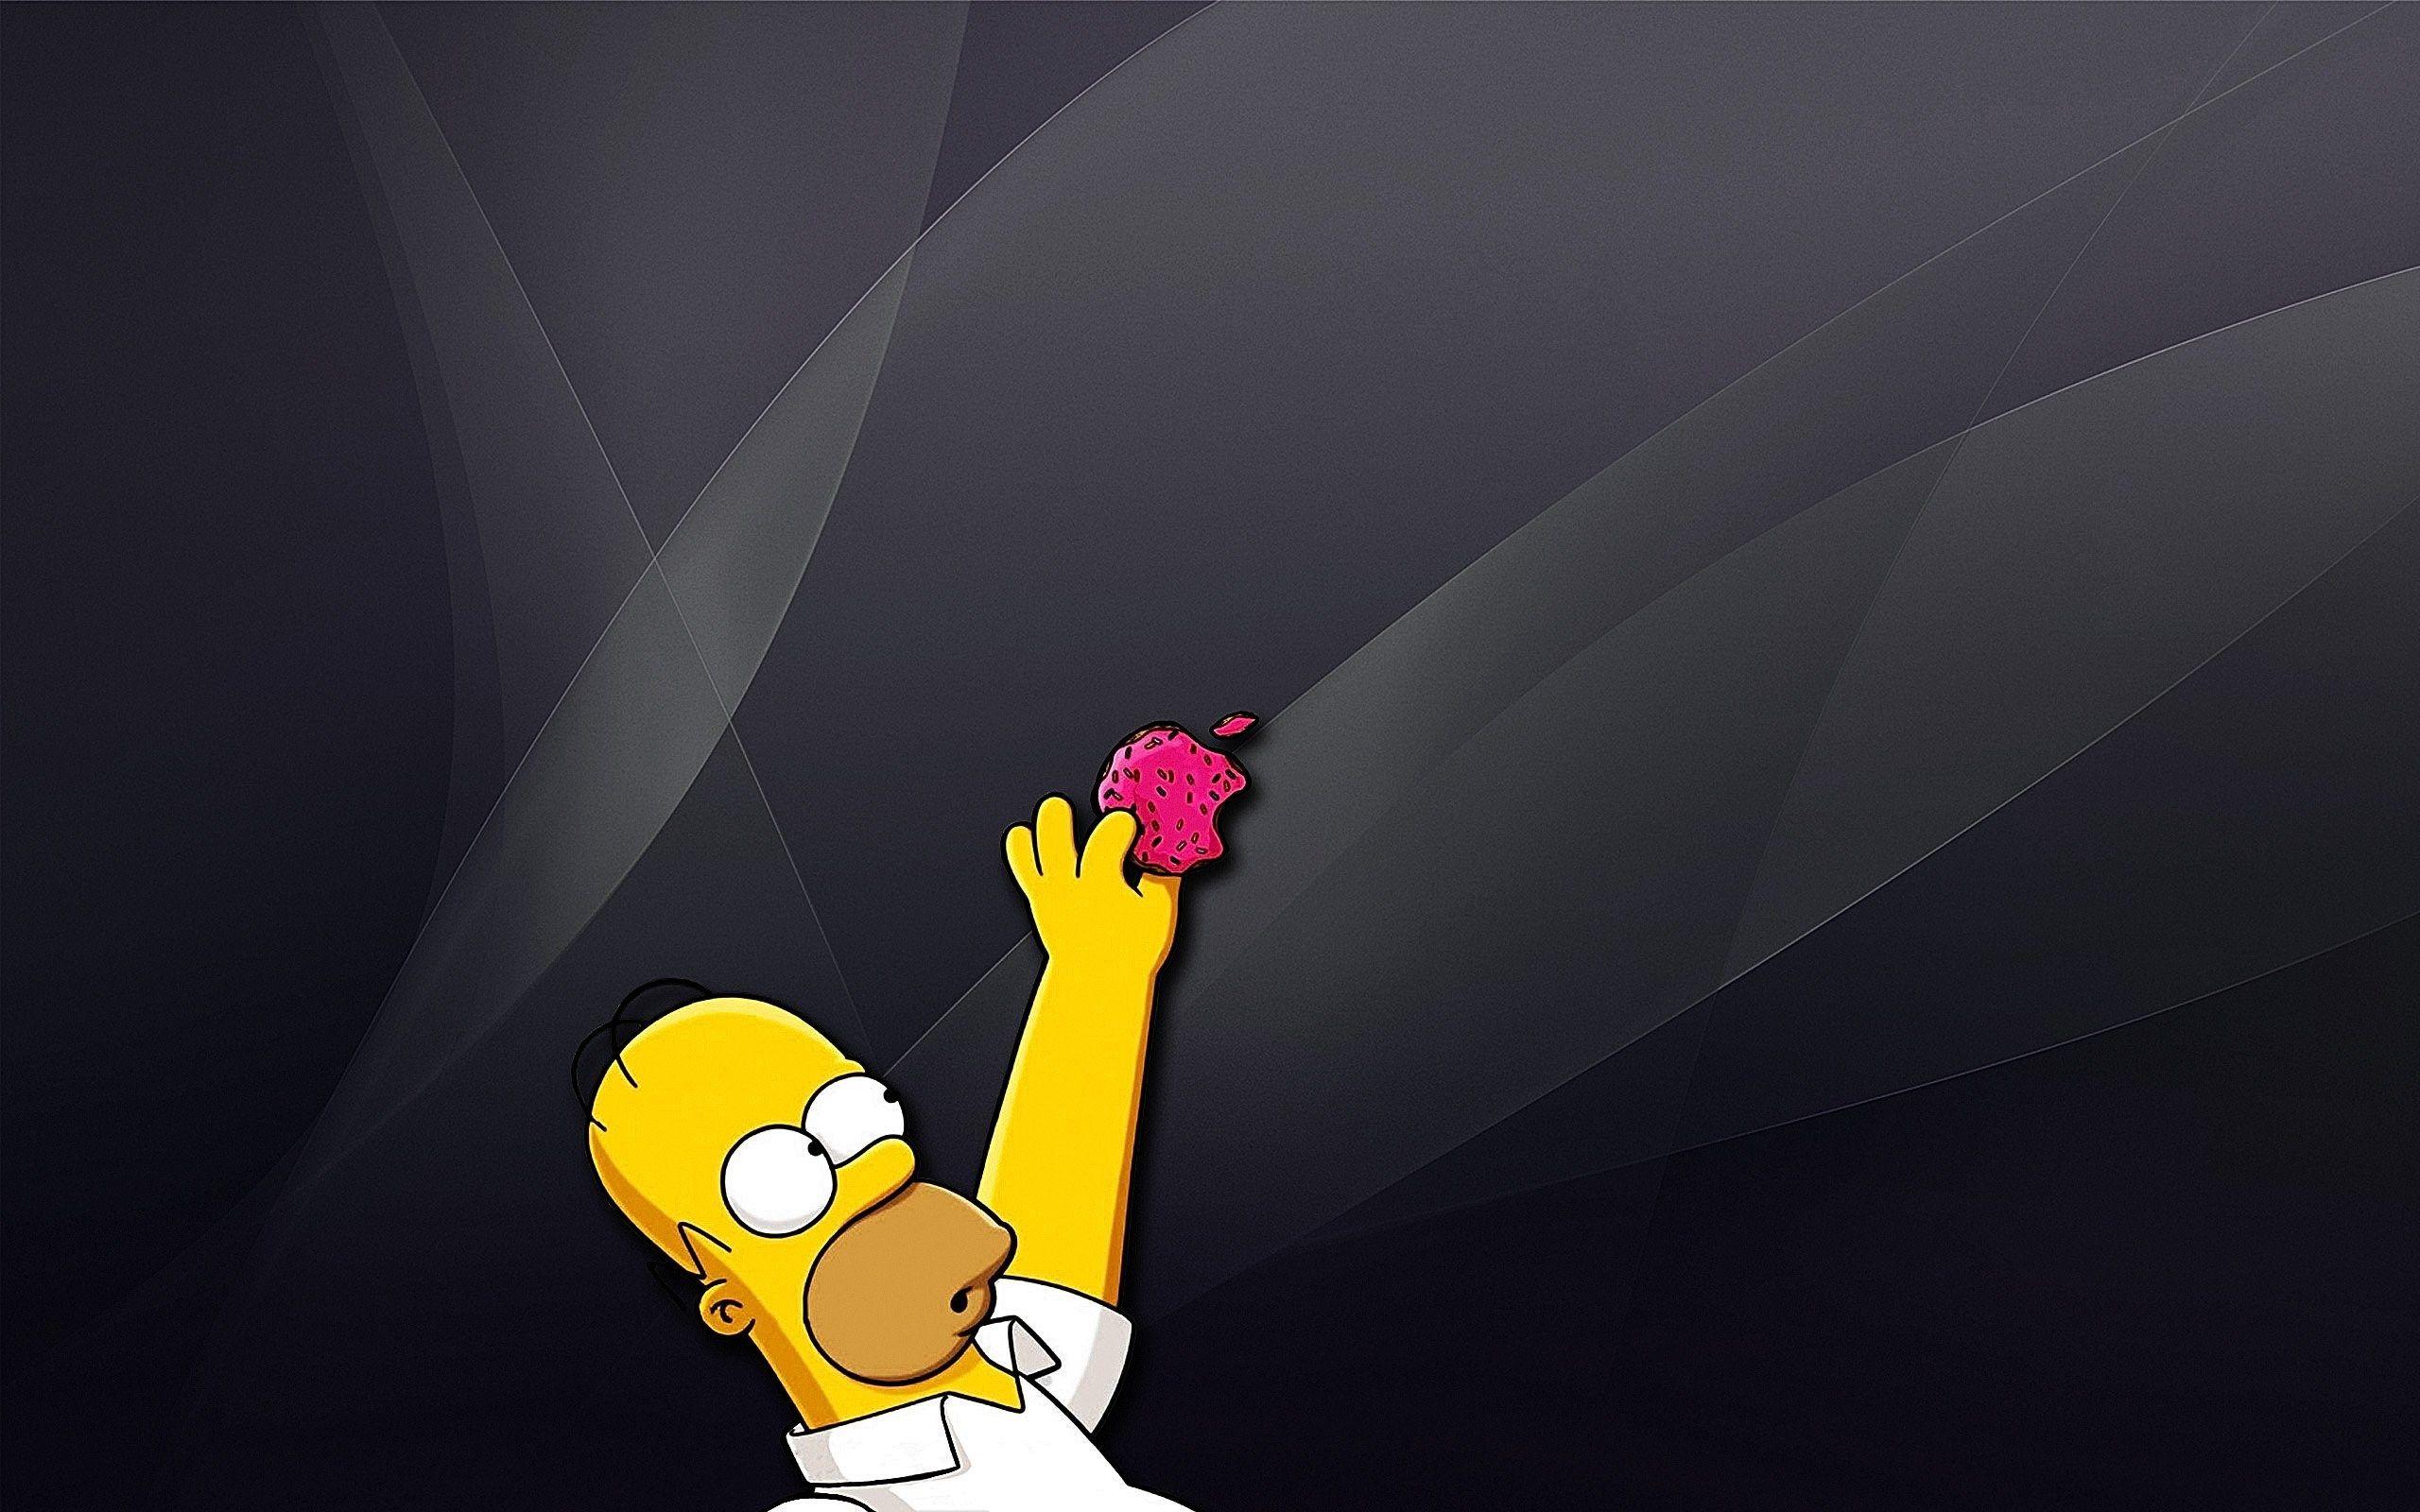 Full Size Homer Simpson Wallpaper Byron Chester 2560 X 1600